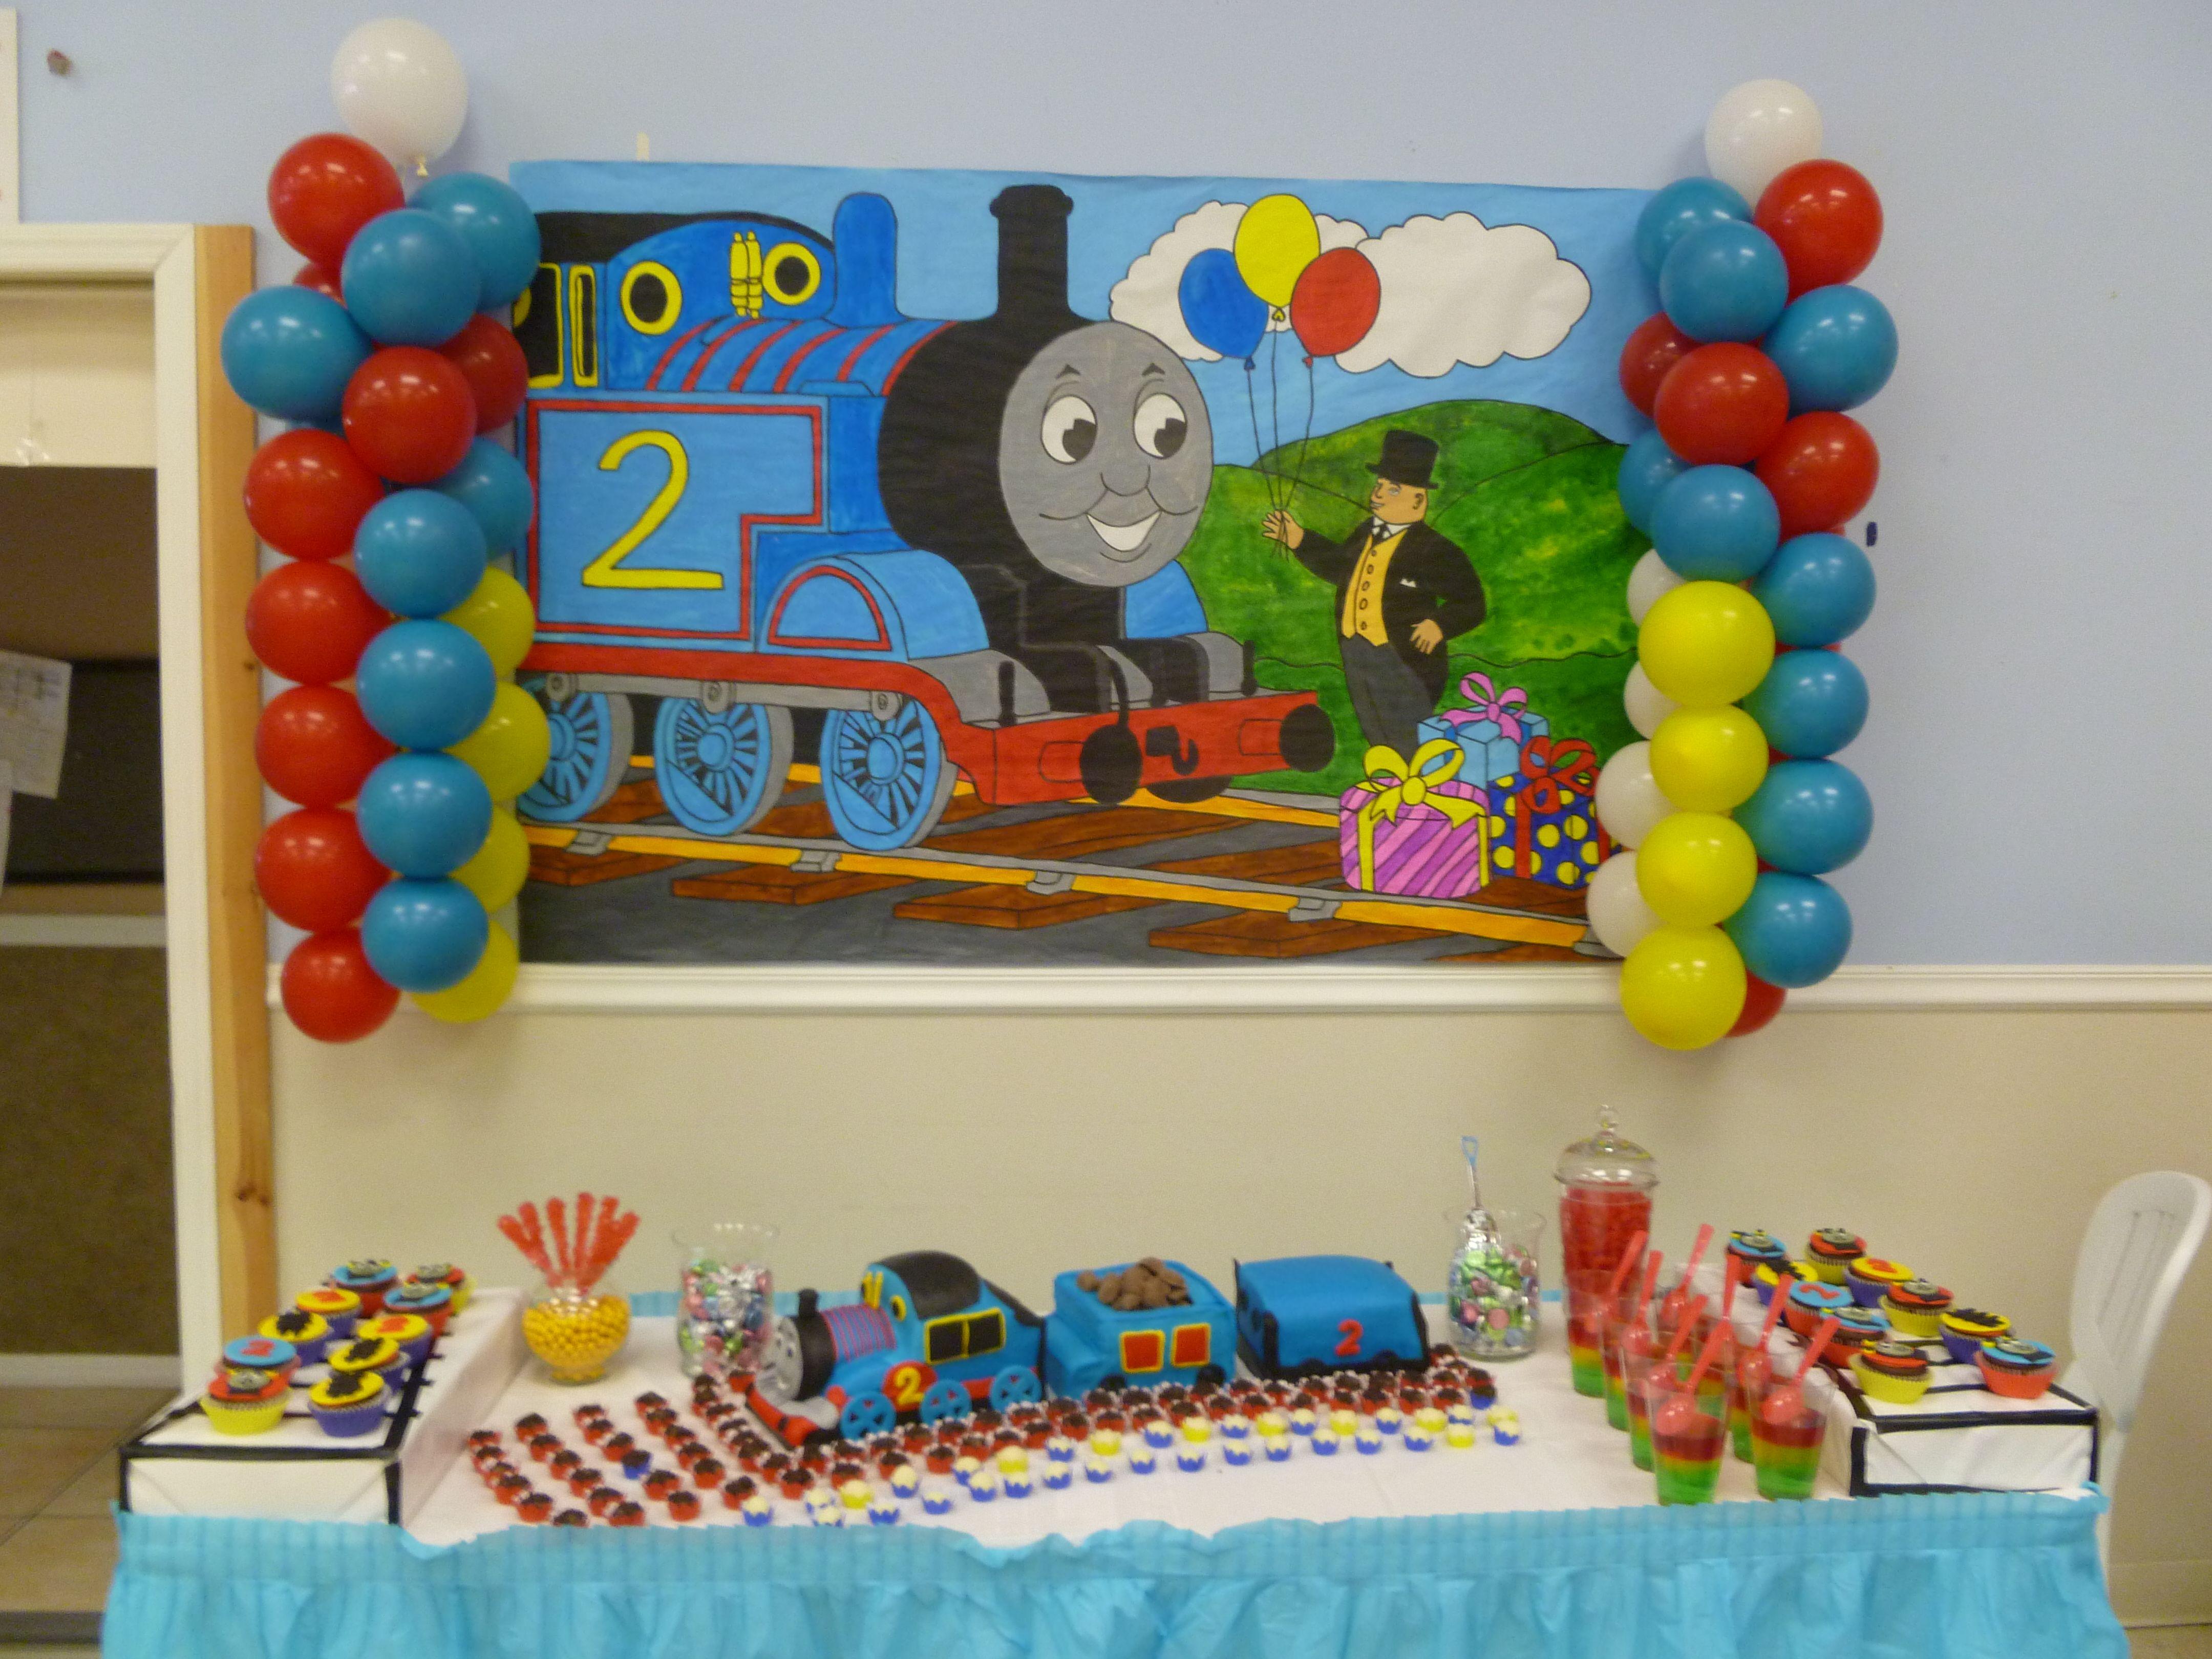 Thomas Train Backdrop Thomas The Train Birthday Party Thomas The Train Party Train Birthday Party Cake